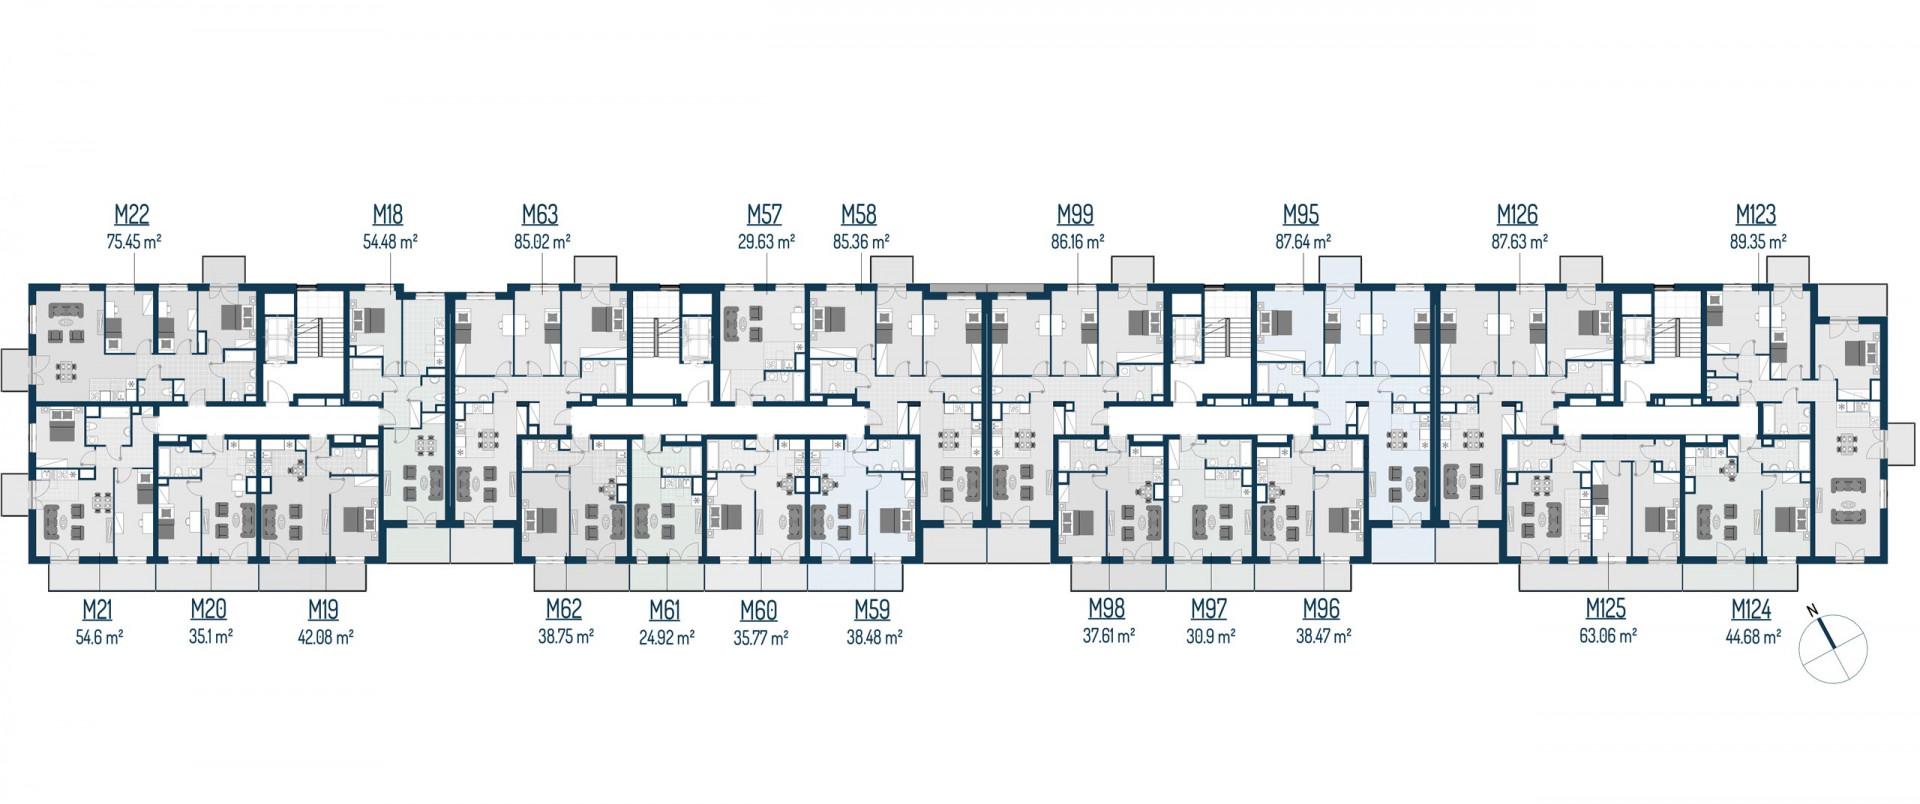 Zdrowe Stylove / budynek 2 / mieszkanie nr 18 rzut 2